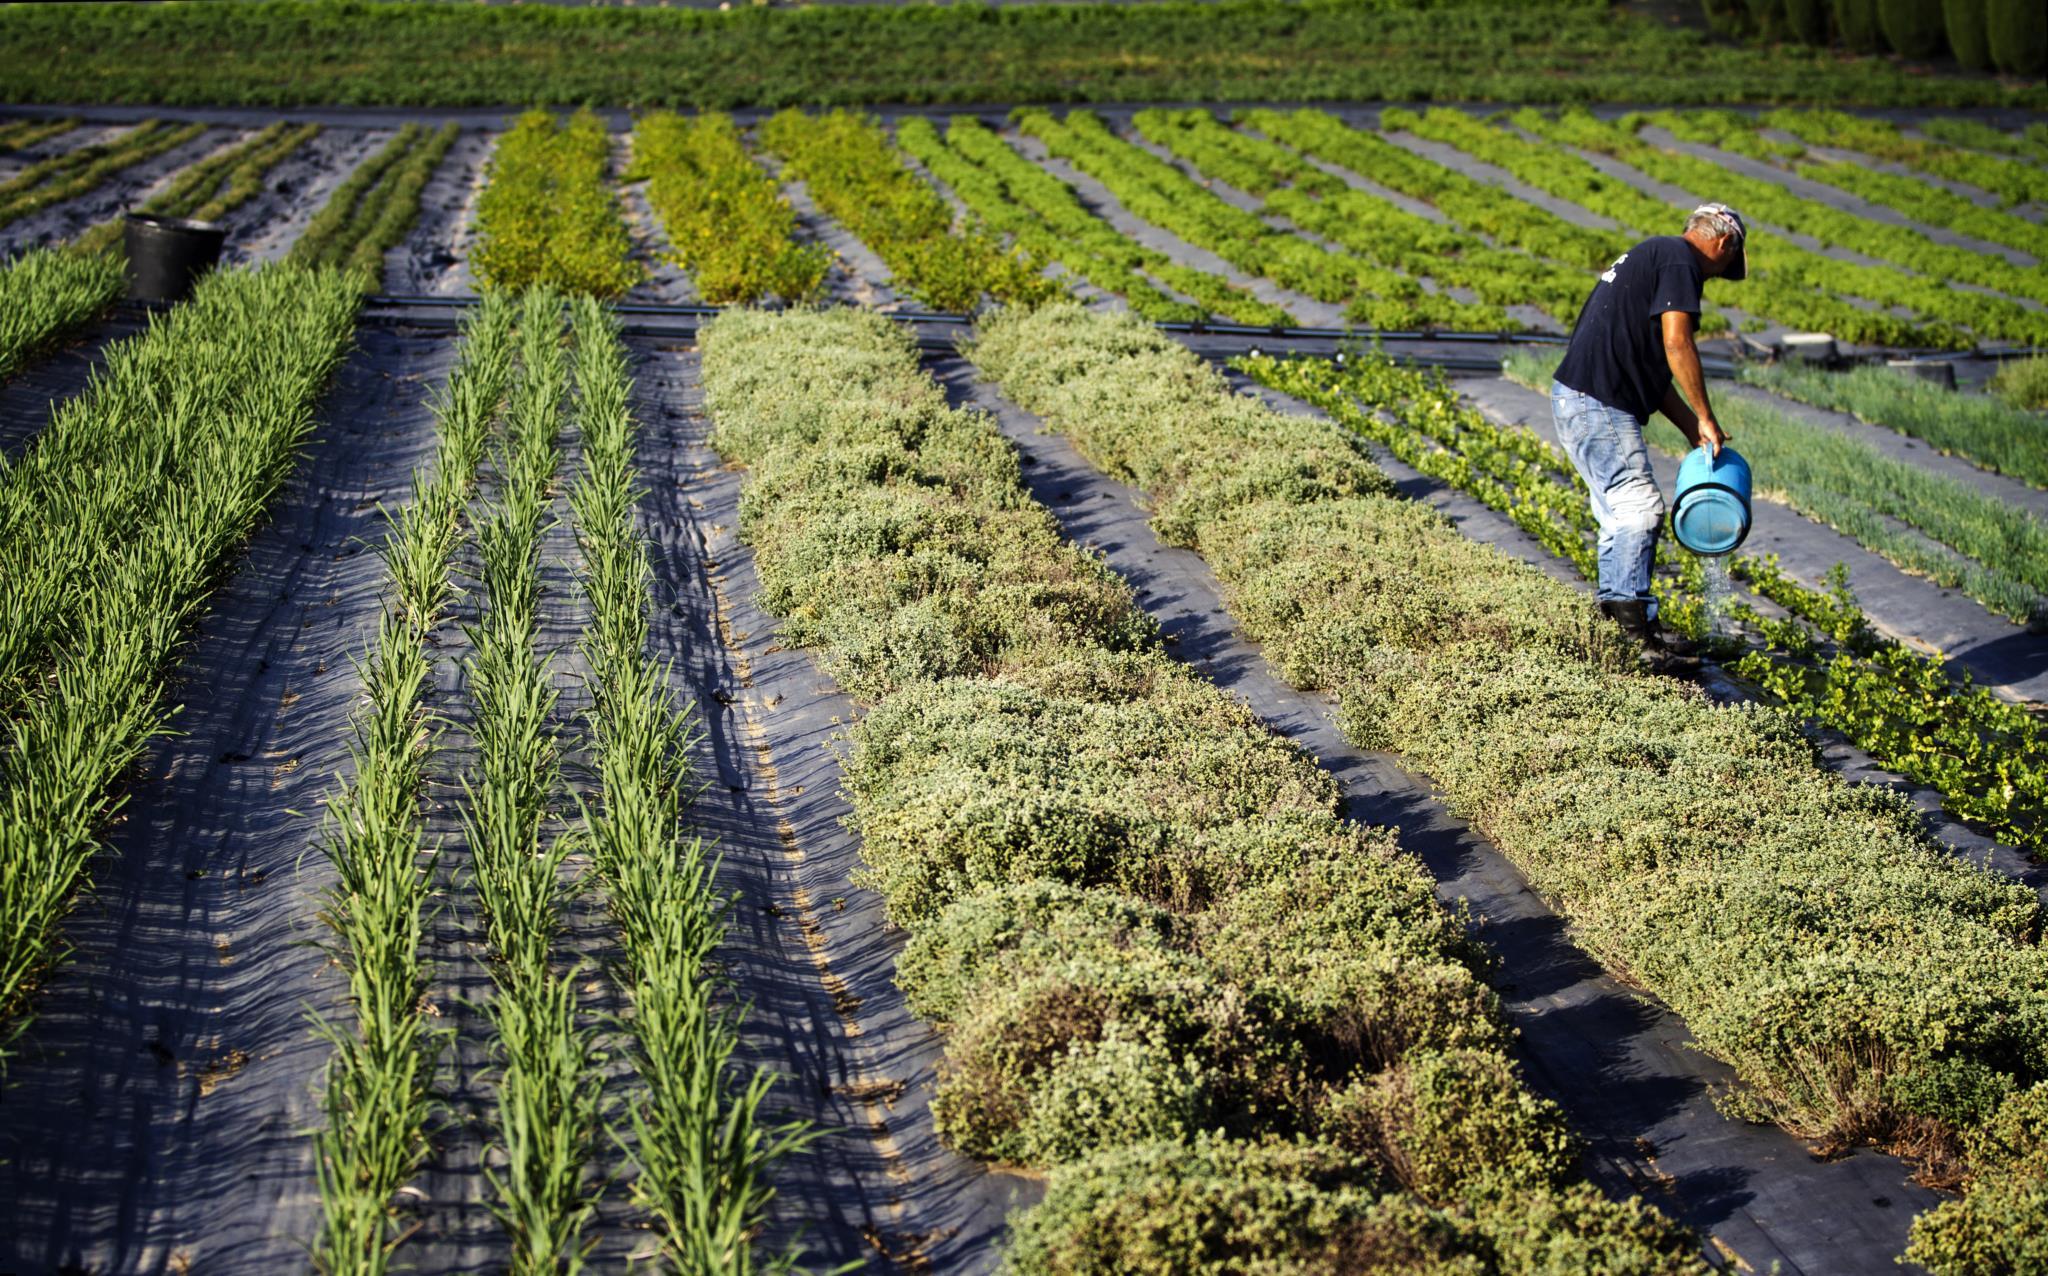 A agricultura surgiu no Médio Oriente há cerca de dez mil anos (NFACTOS/LARA JACINTO)